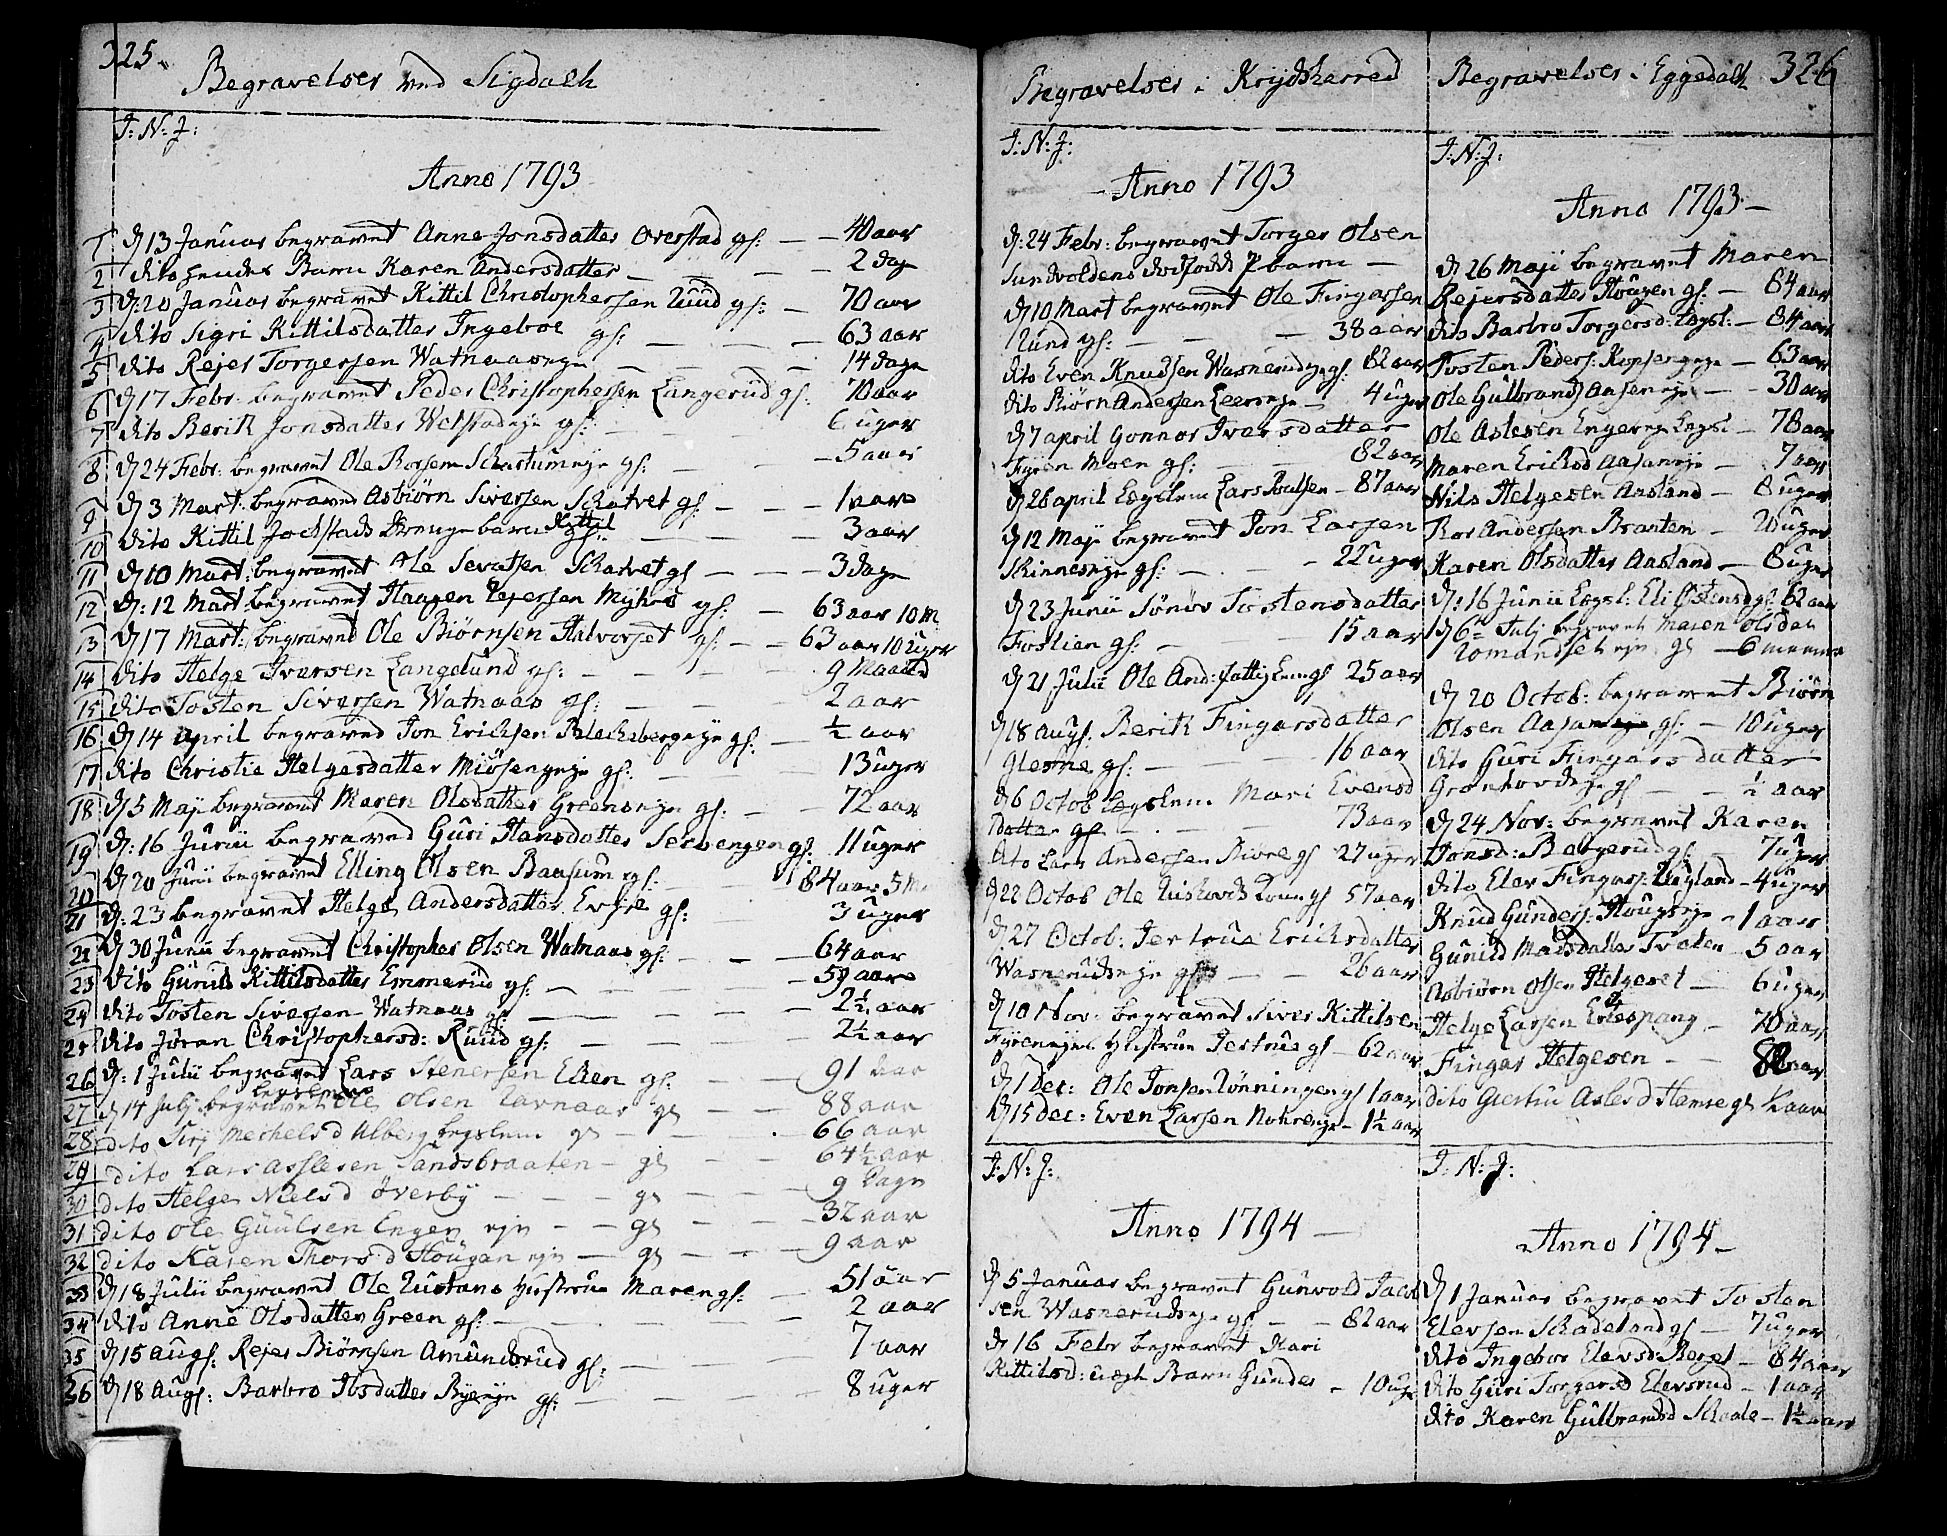 SAKO, Sigdal kirkebøker, F/Fa/L0003: Ministerialbok nr. I 3, 1793-1811, s. 325-326